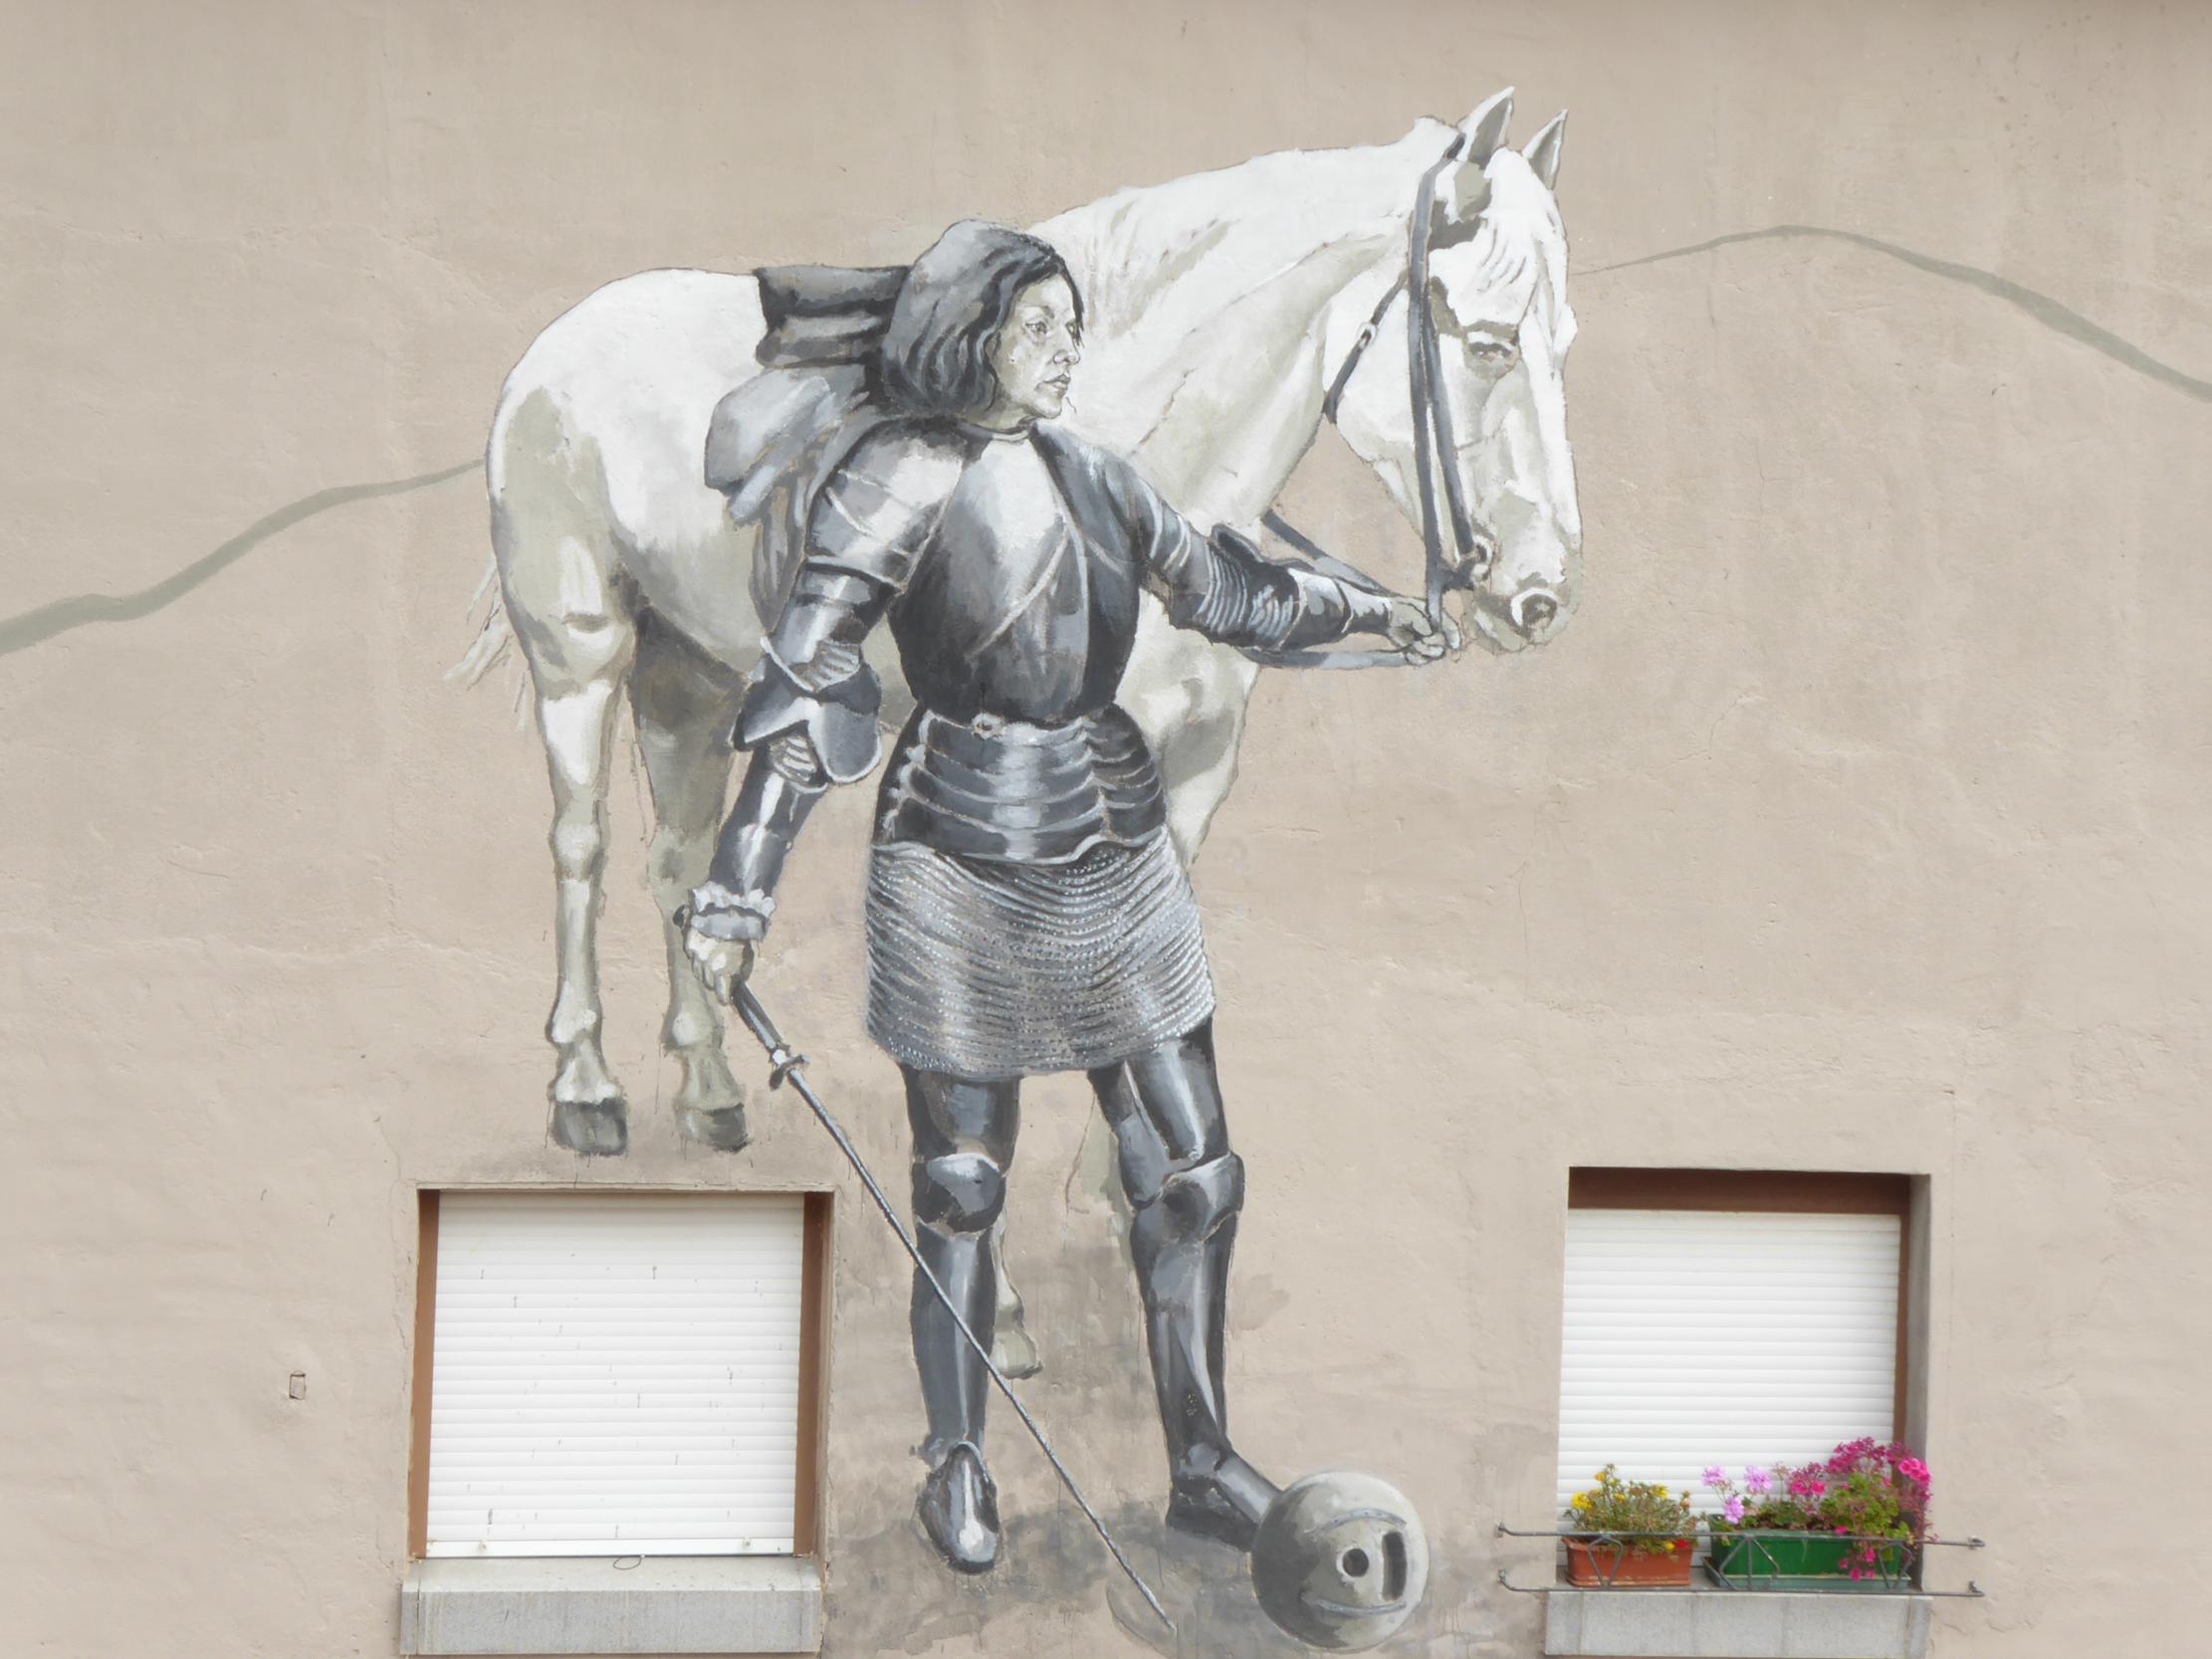 Arte urbano en Belorado